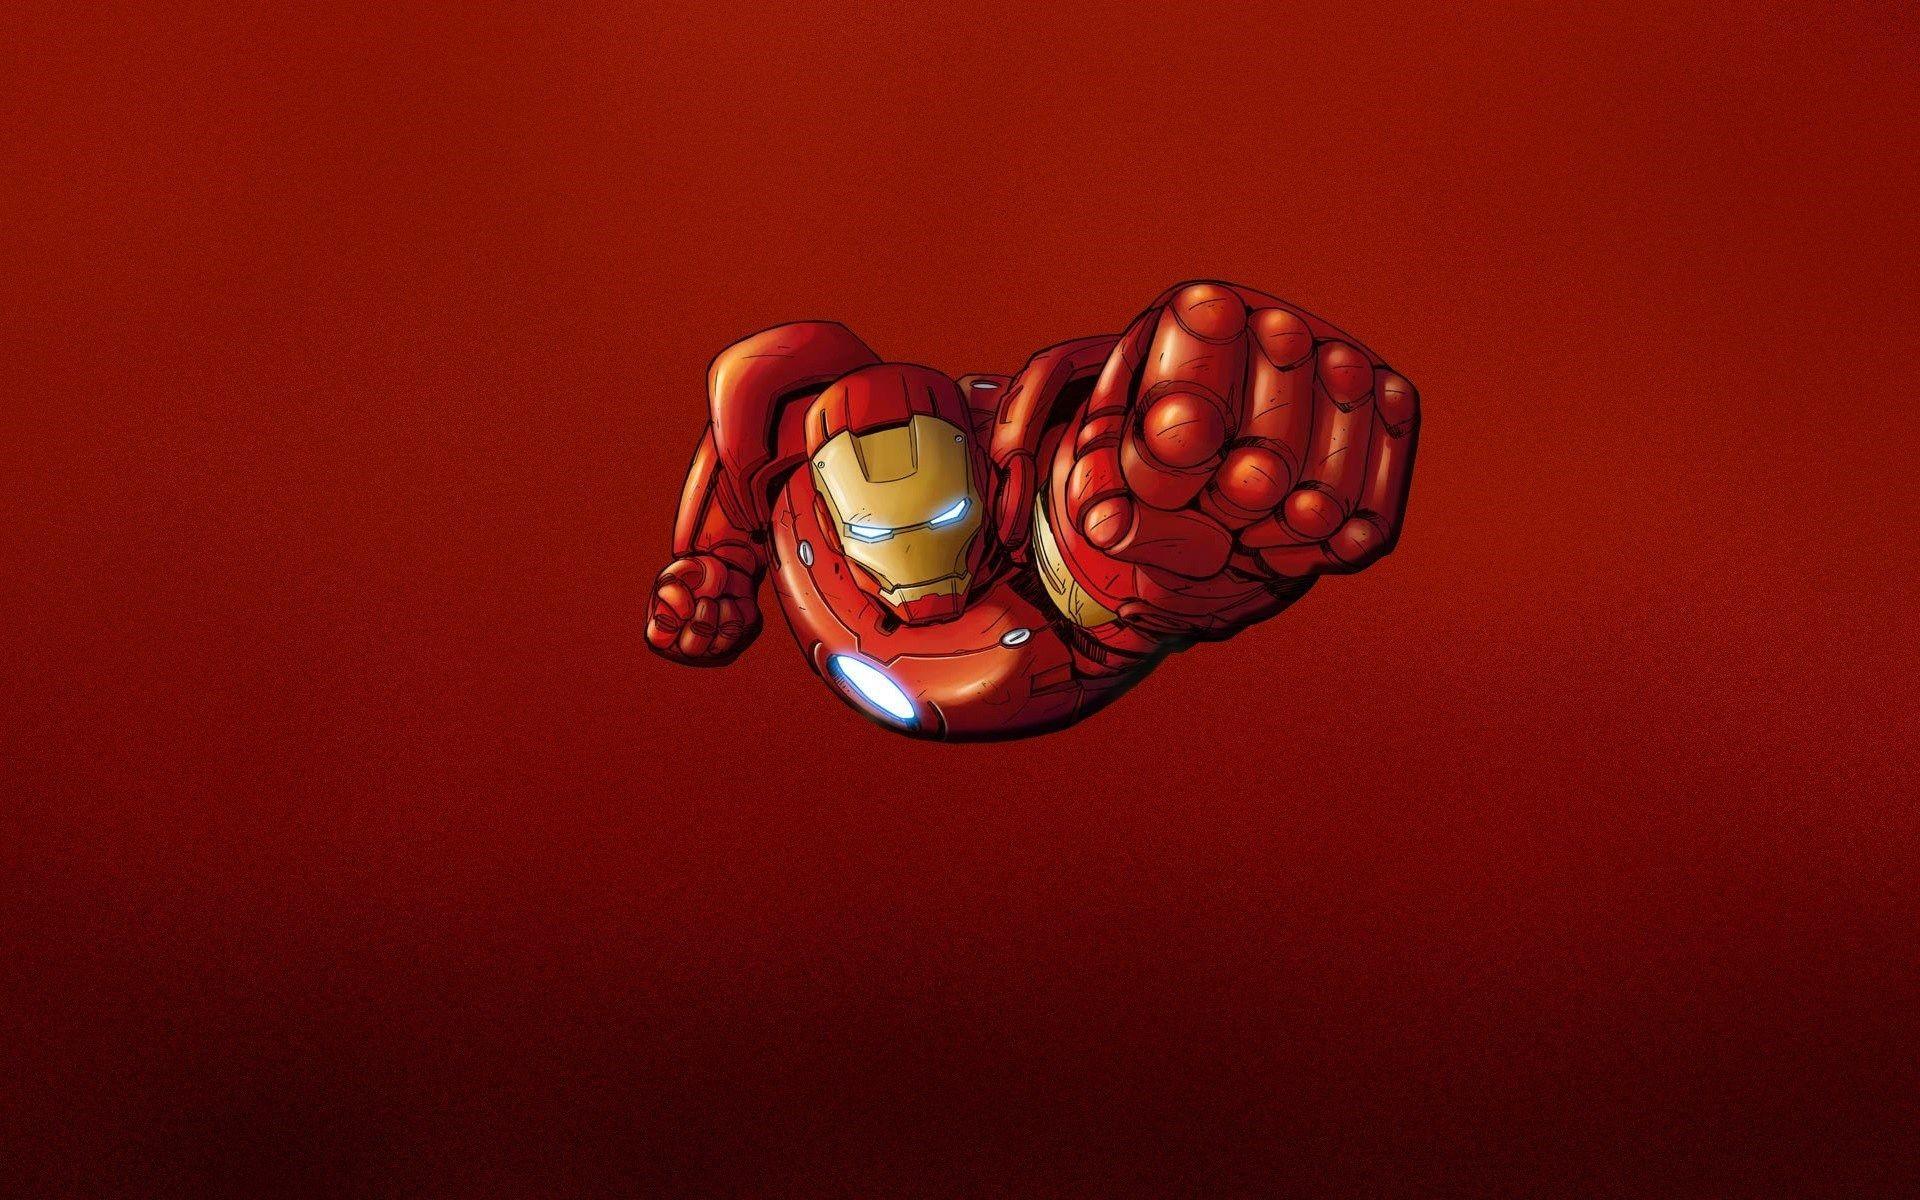 Iron Man Red Minimalism HD Wallpaper – FreeWallsUp